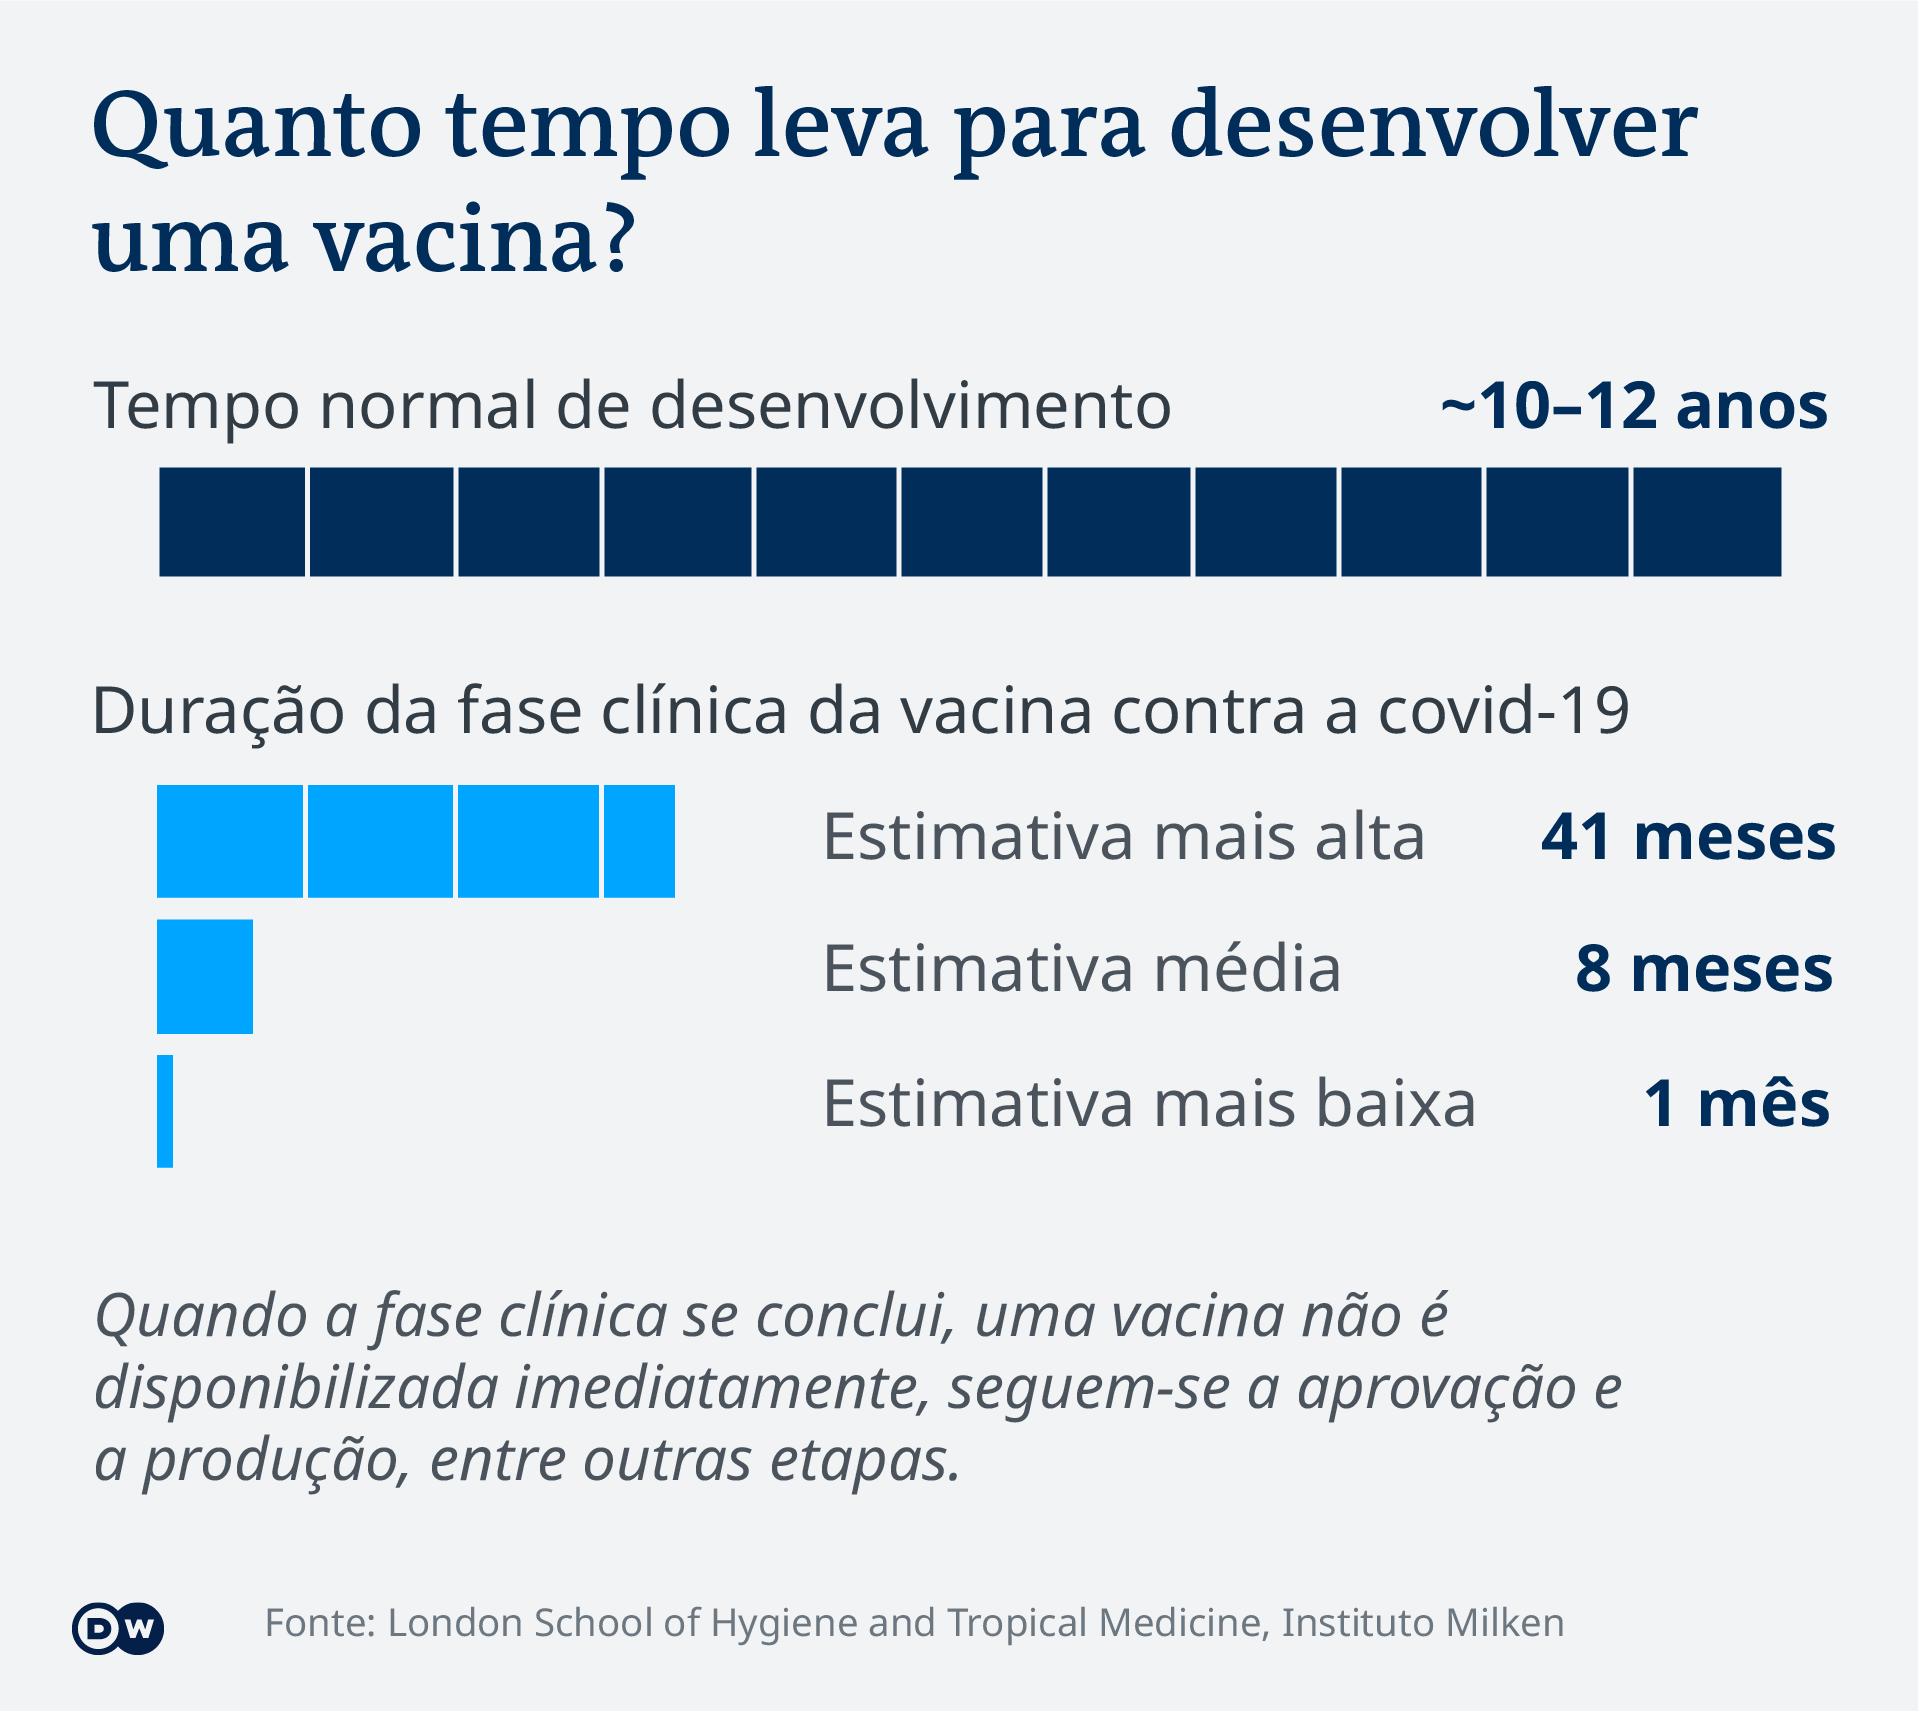 Data visualization - COVID-19 vaccine tracker - Duration - Update Jan 14, 2021 - Portuguese (Brazil)